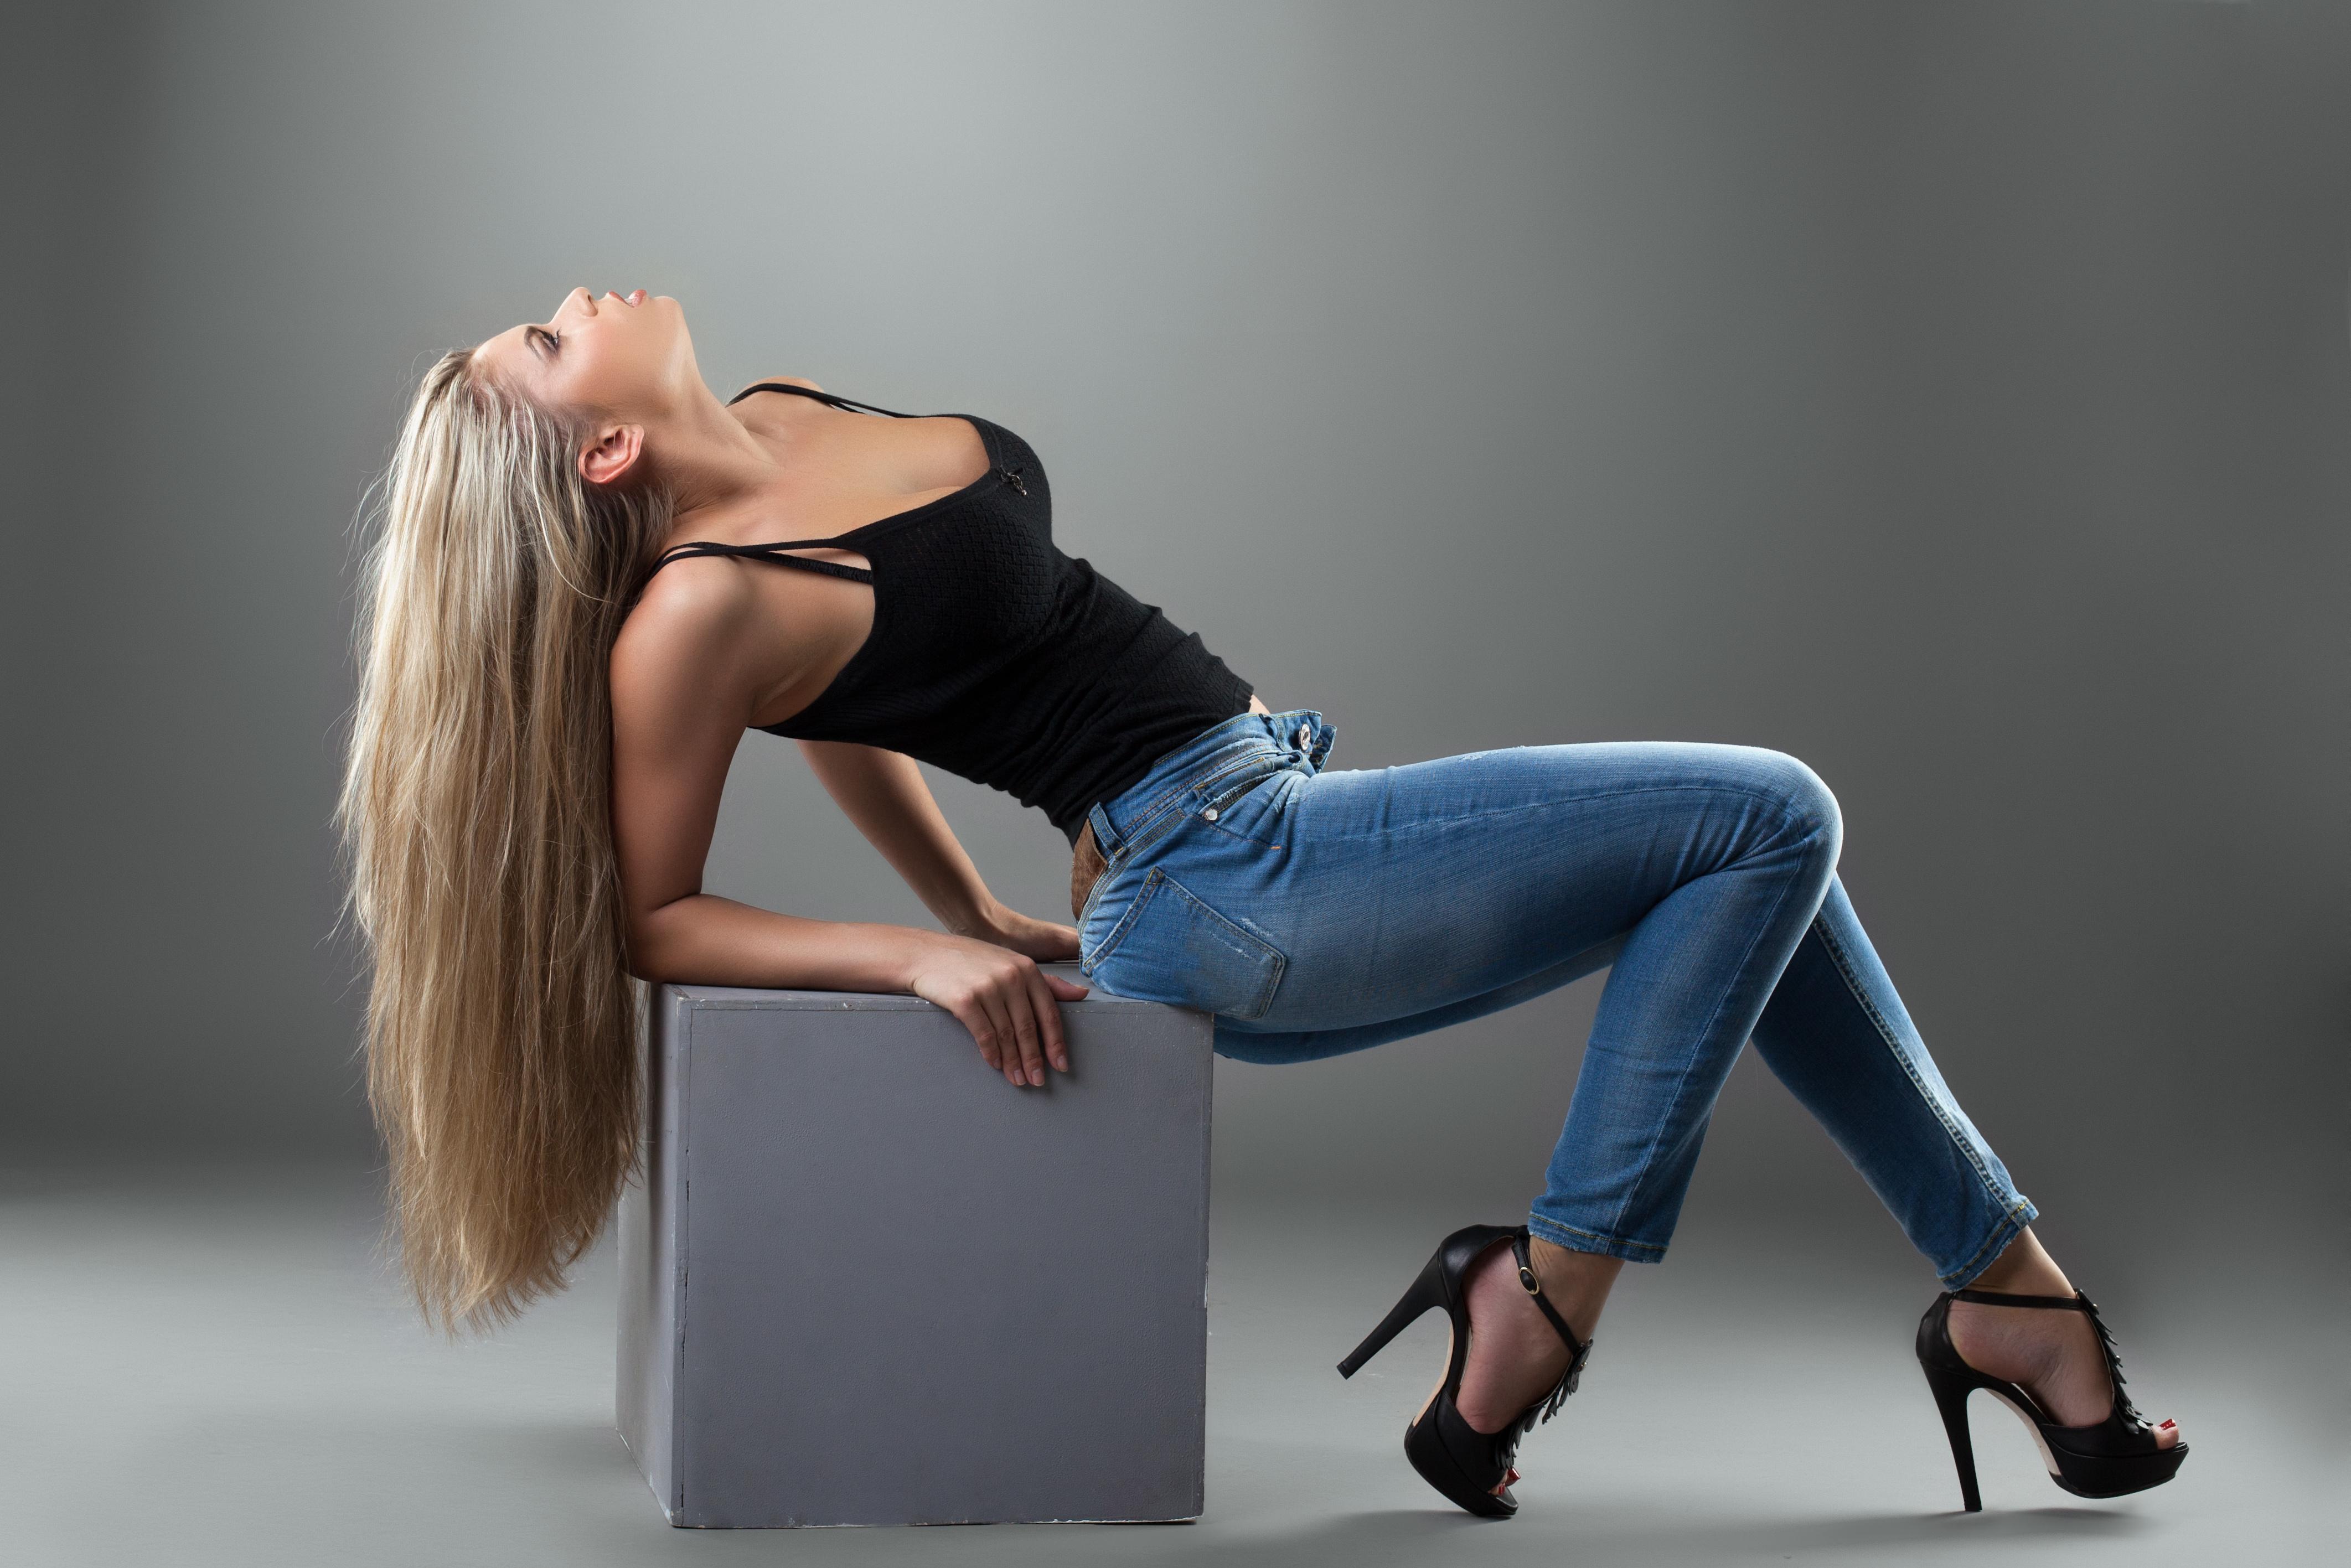 Фото красивых девушек блондинки на красивых каблуков 19 фотография